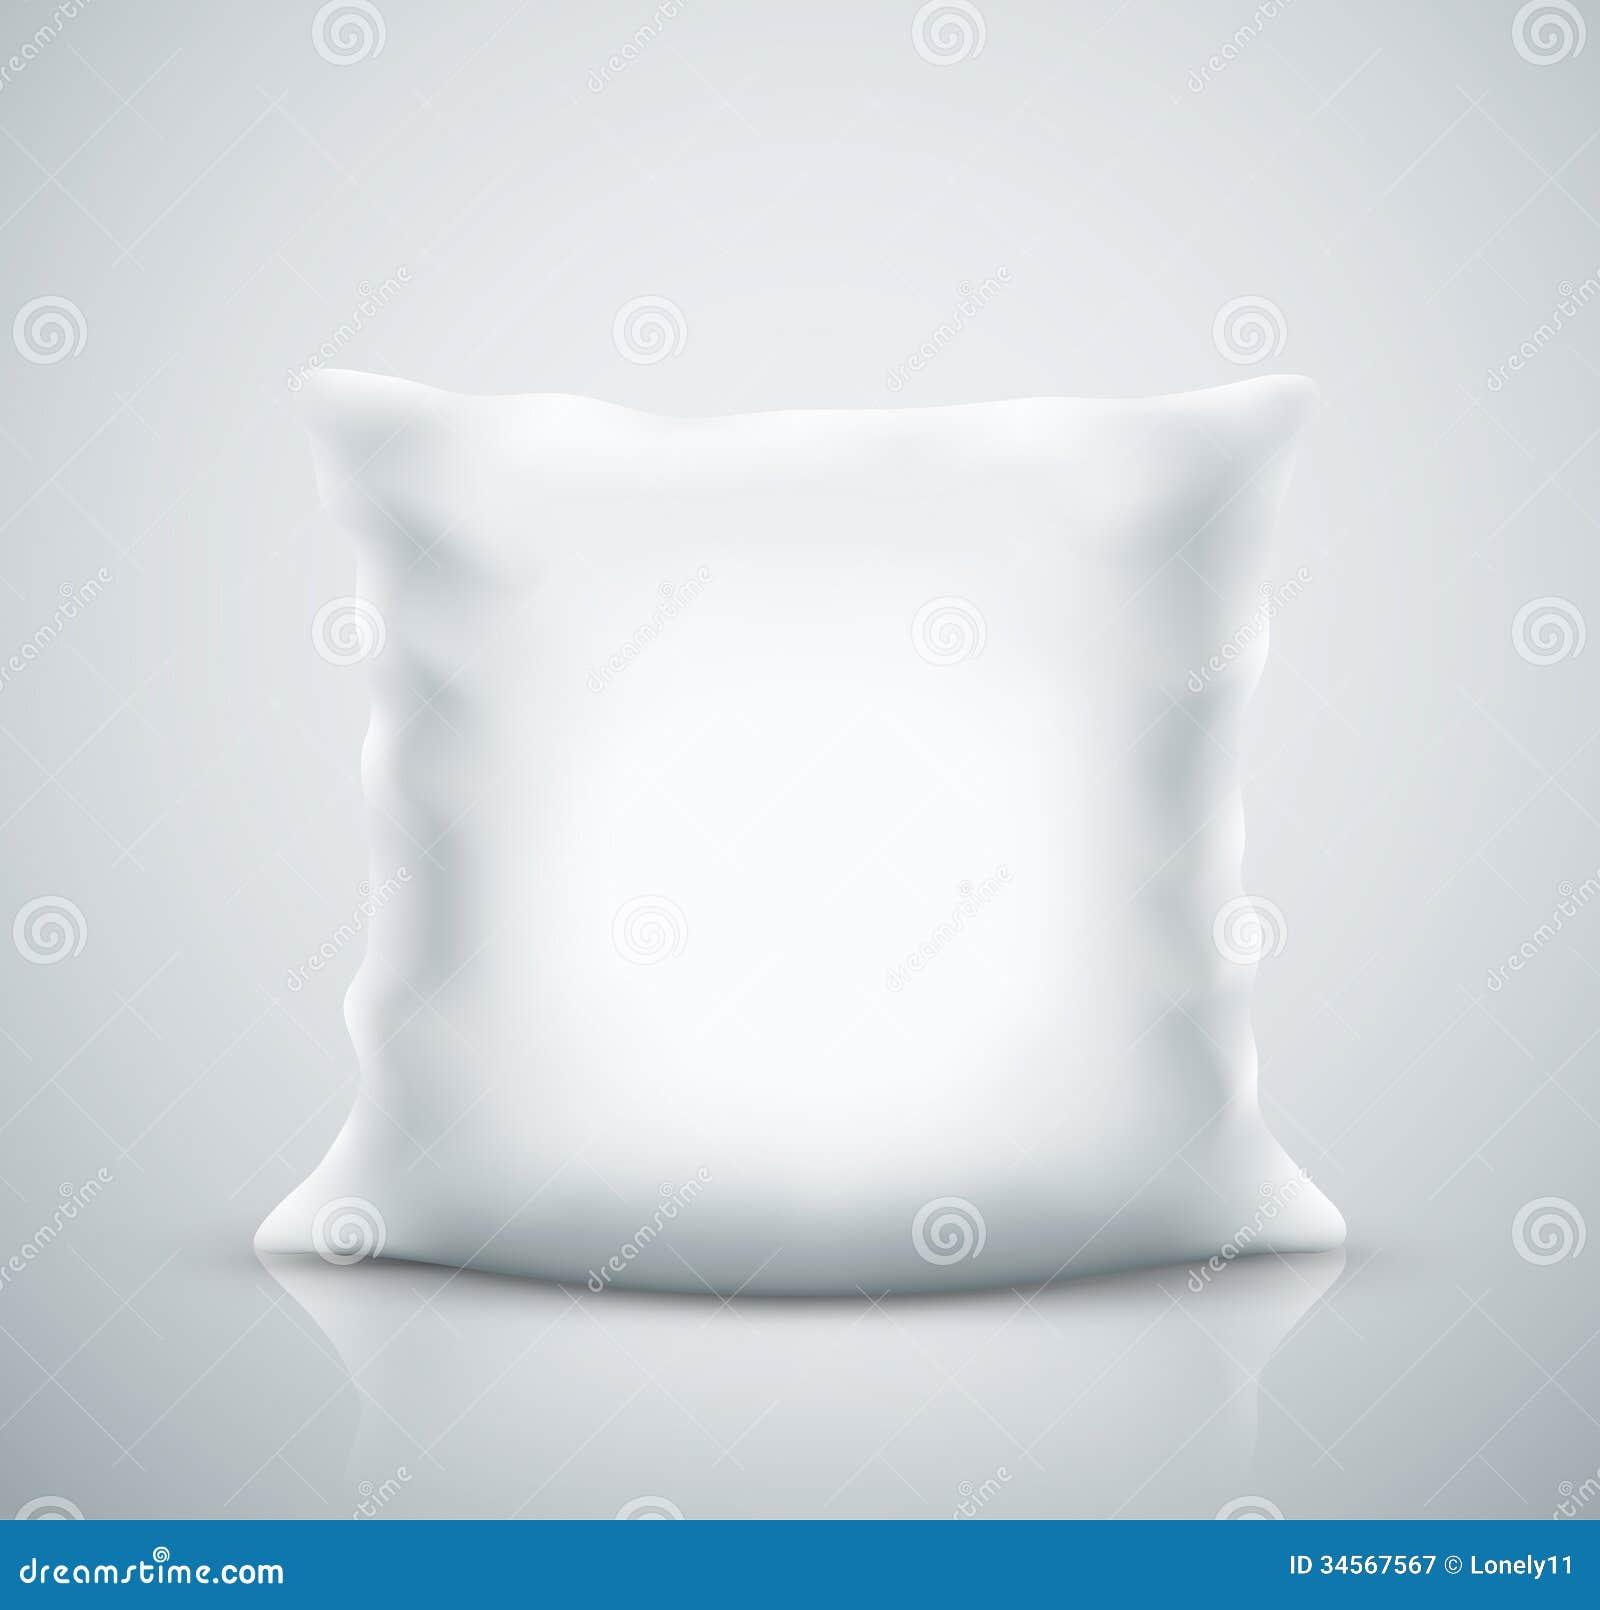 blank white square pillow stock vector illustration of light 34499278